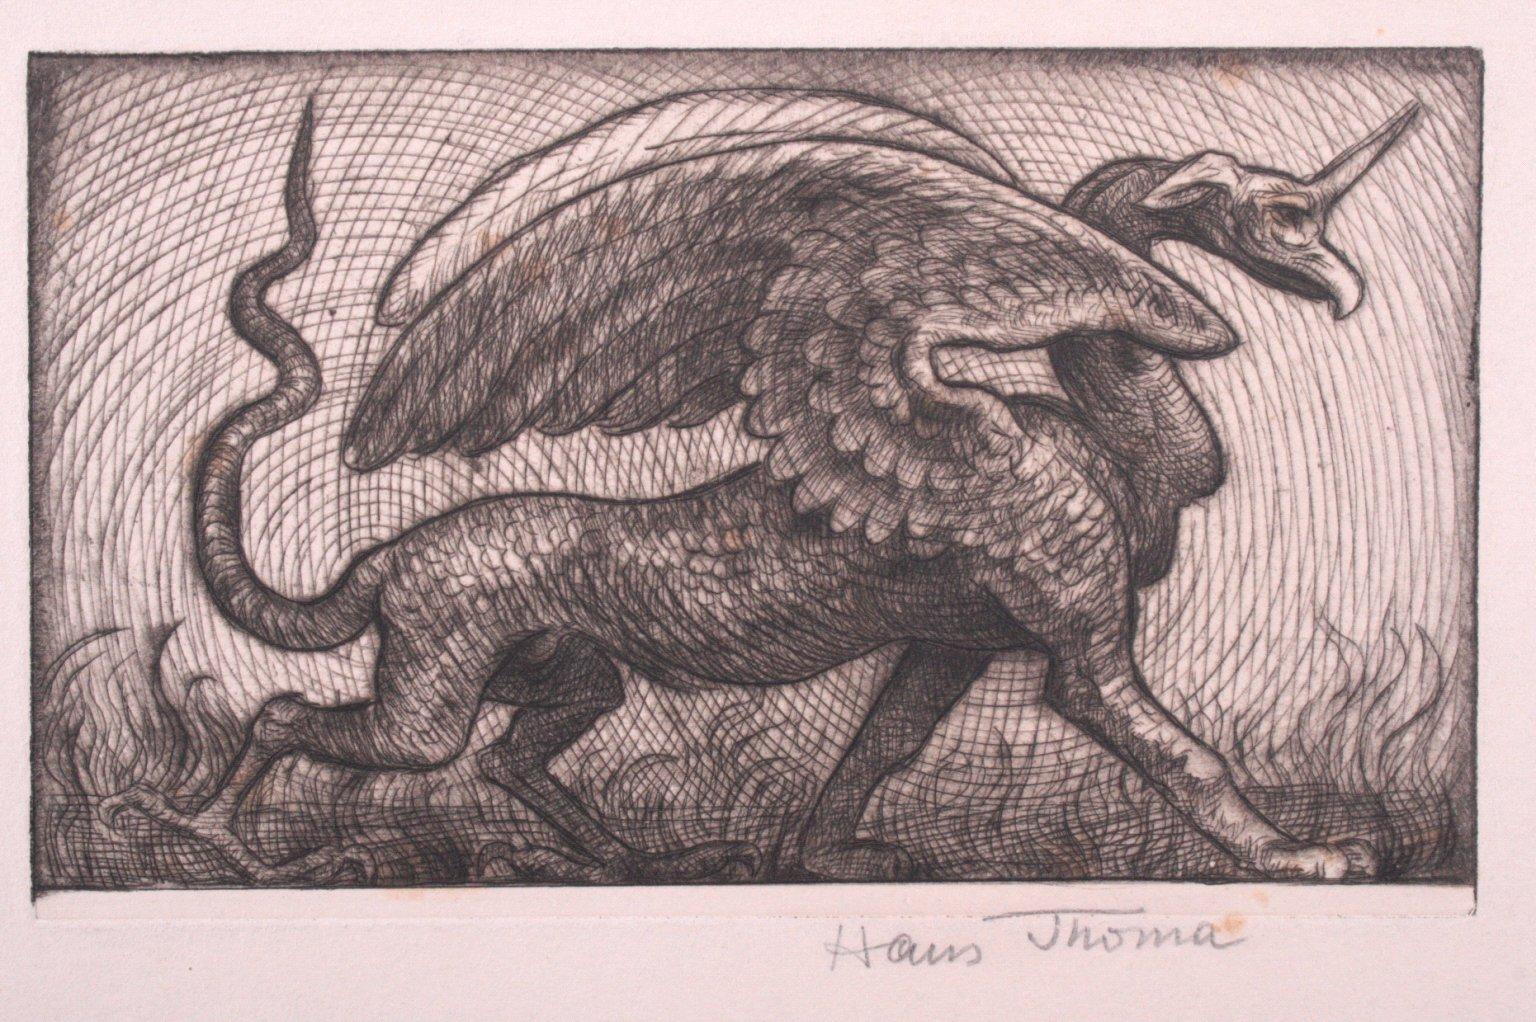 Hans Thoma 1839-1924, Wundervogel-1